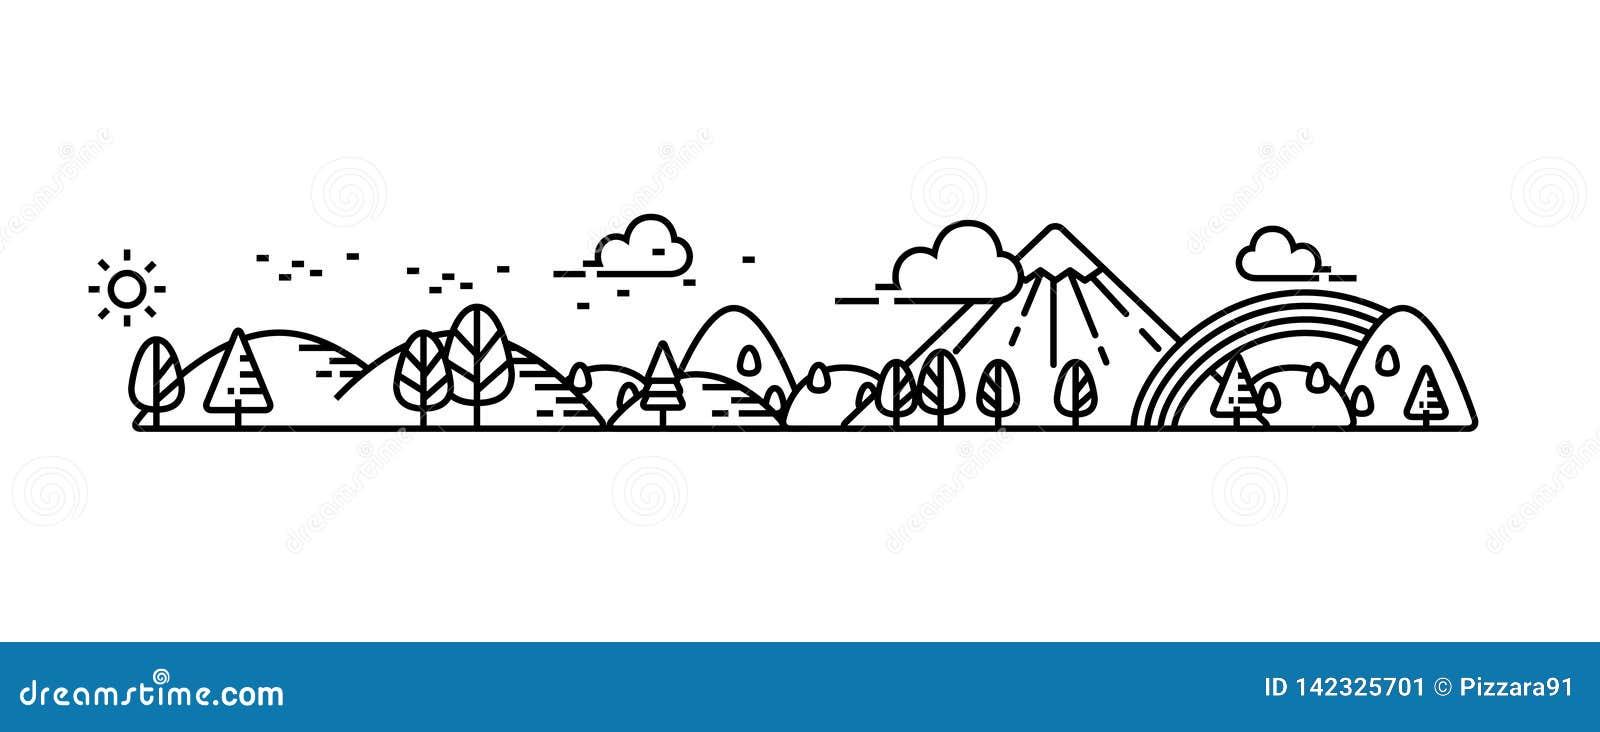 Landscape illustrate line